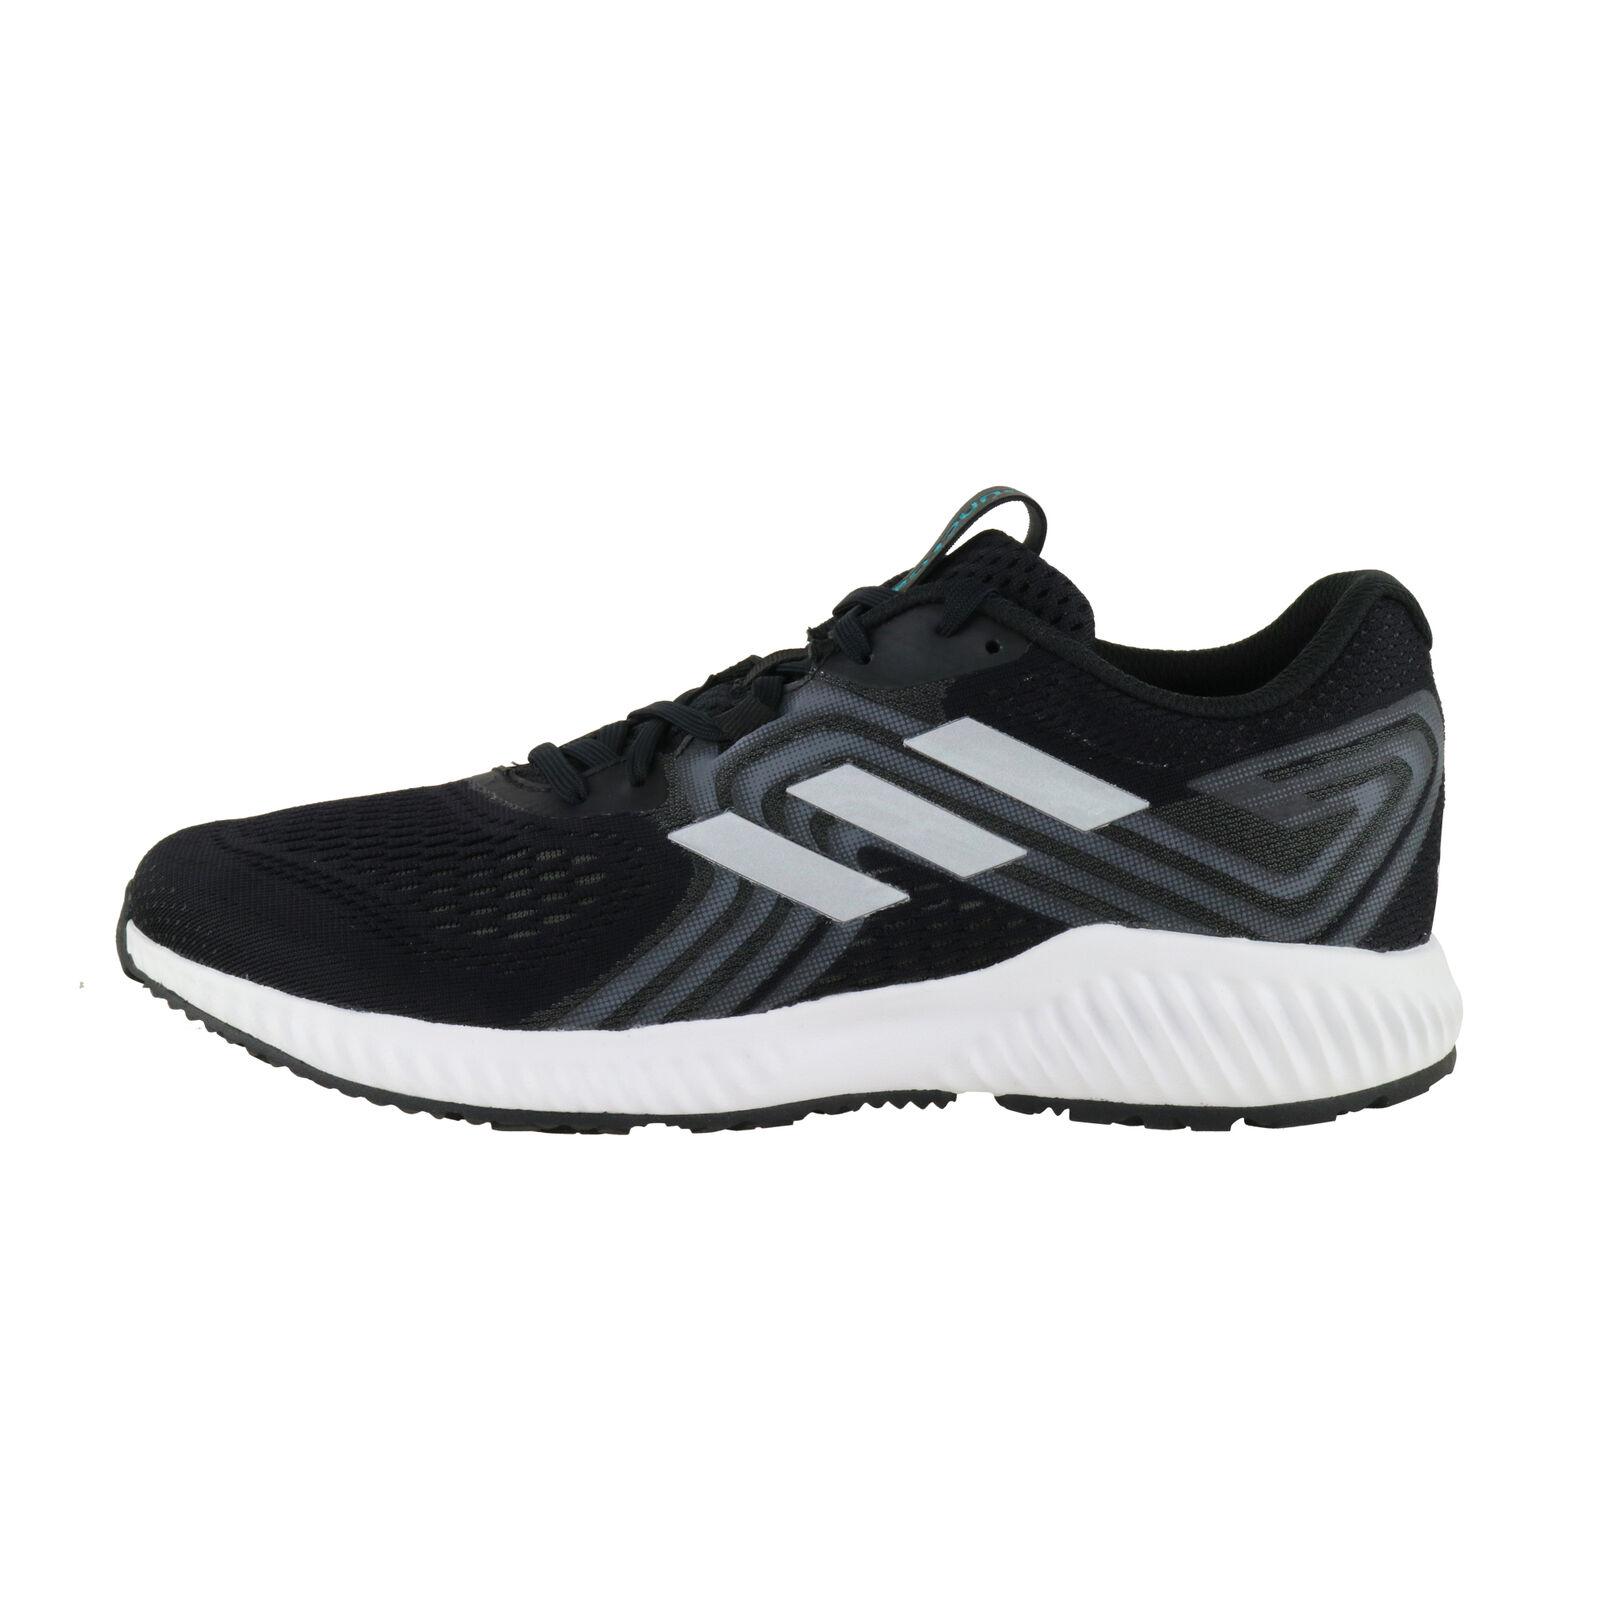 Adidas aerobounce 2 m negro gris aq0536   Hay más marcas de productos de alta calidad.